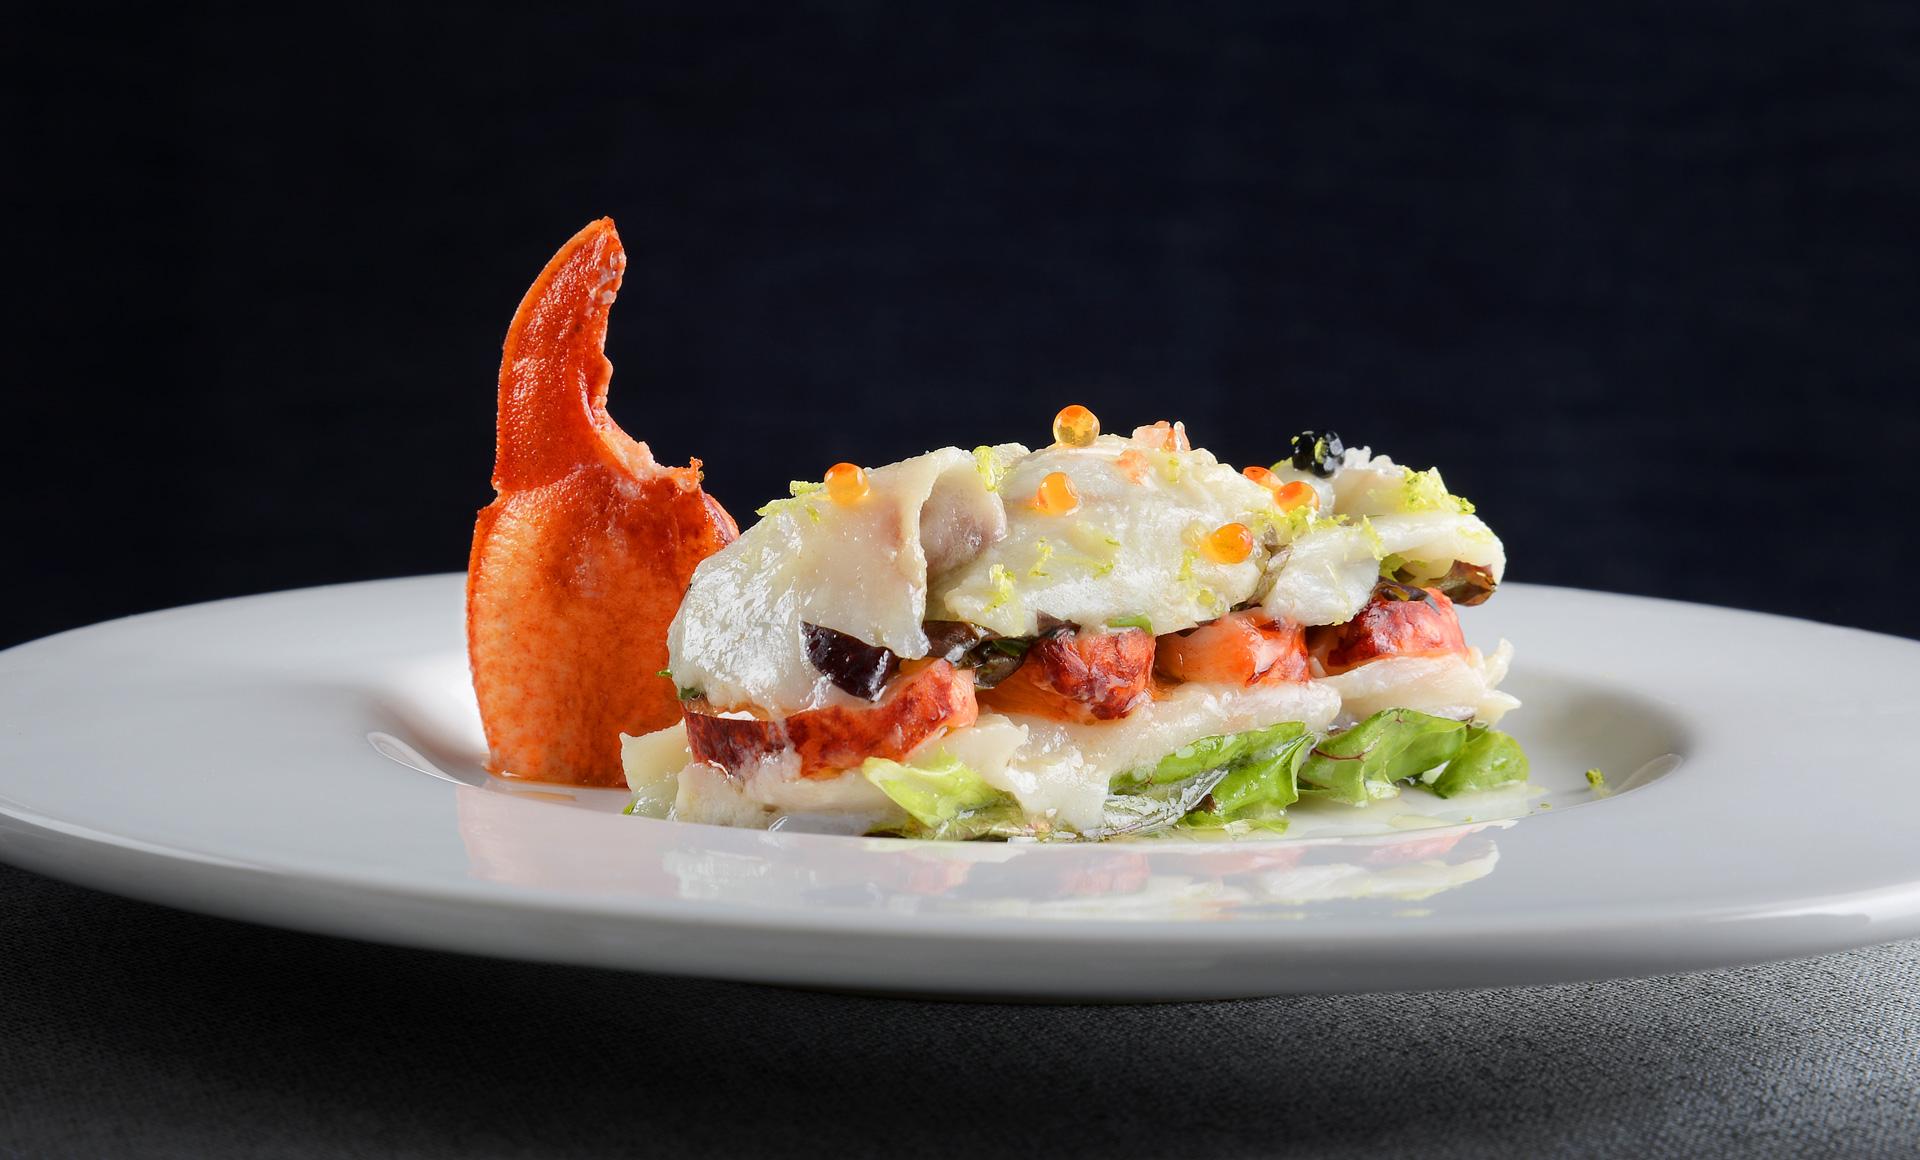 Photo Culinaire Crustaces Montreuil Paris